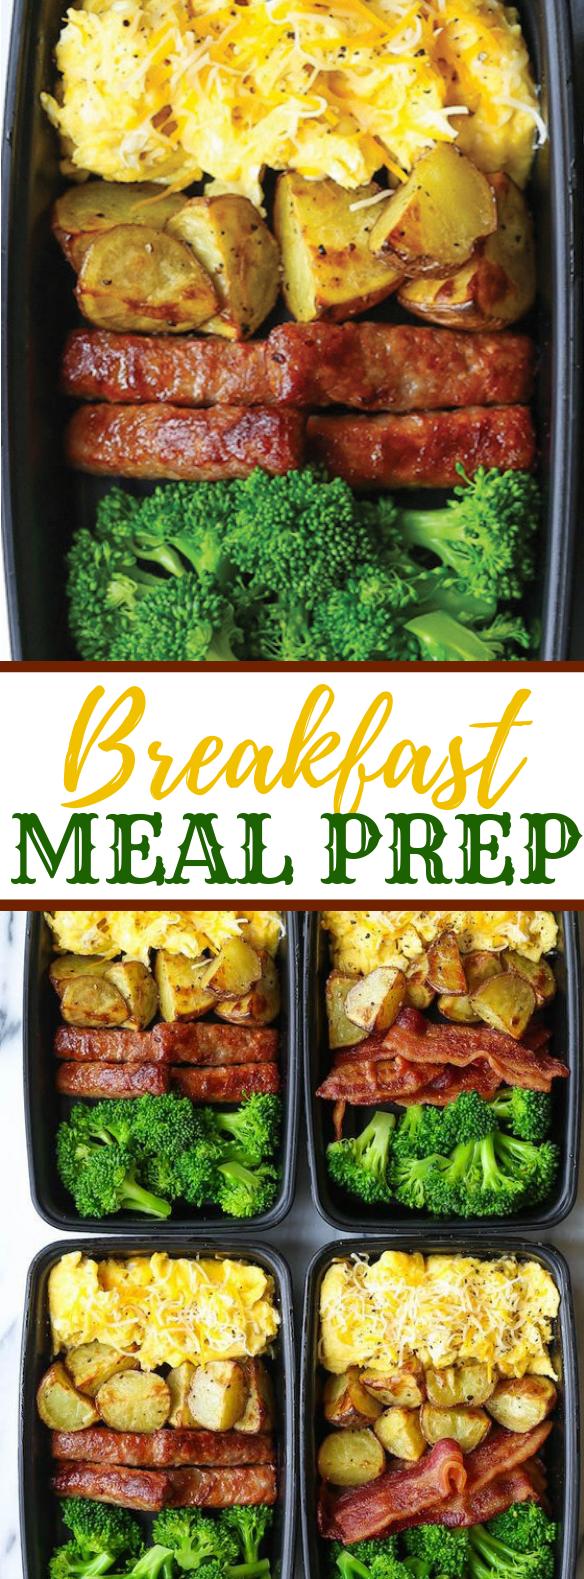 BREAKFAST MEAL PREP #meals #bacon